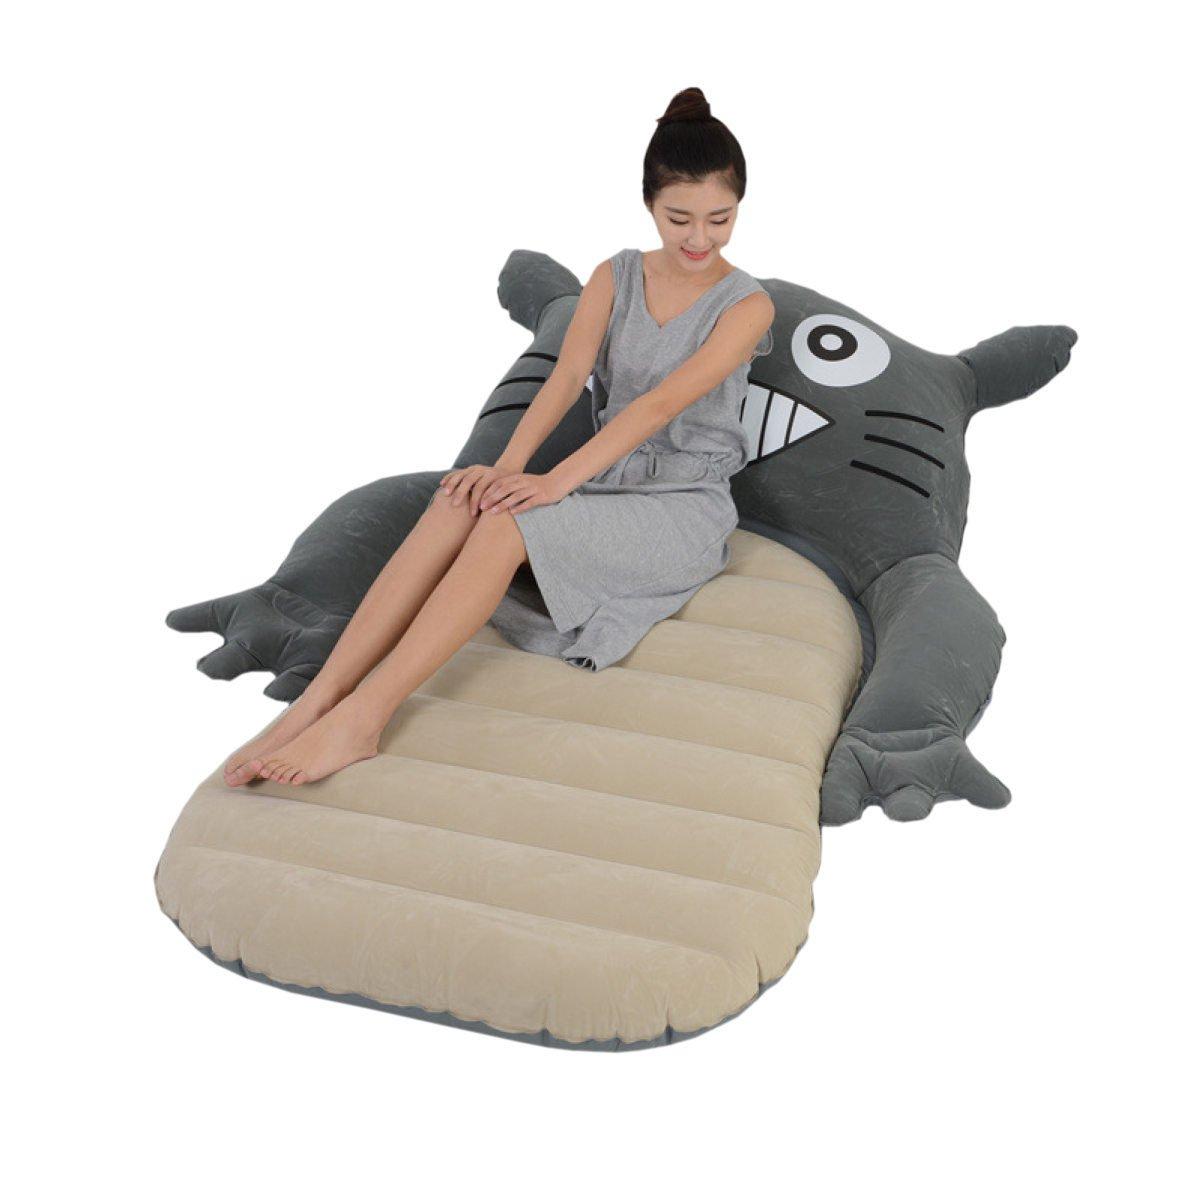 Dfb Karikatur Aufblasbare Bett Auto Aufblasbare Matratze Meer Surfen Schwimmende Reihe Single Dormitory Beach Freizeit